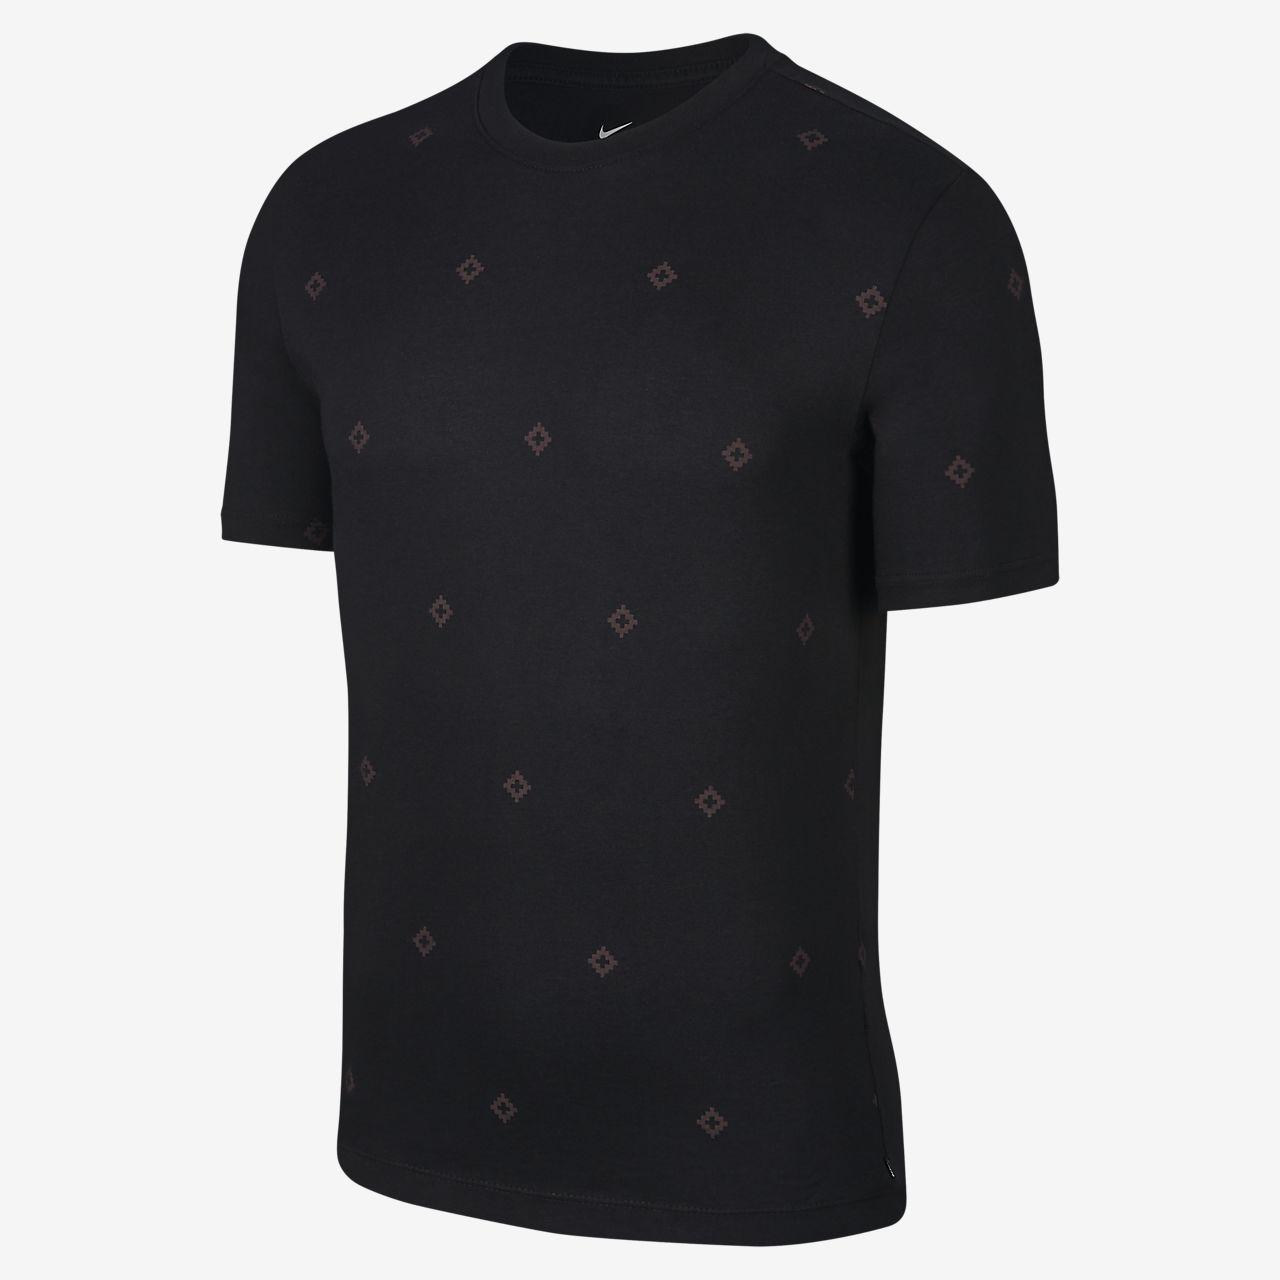 Nike SB 男子印花滑板T恤